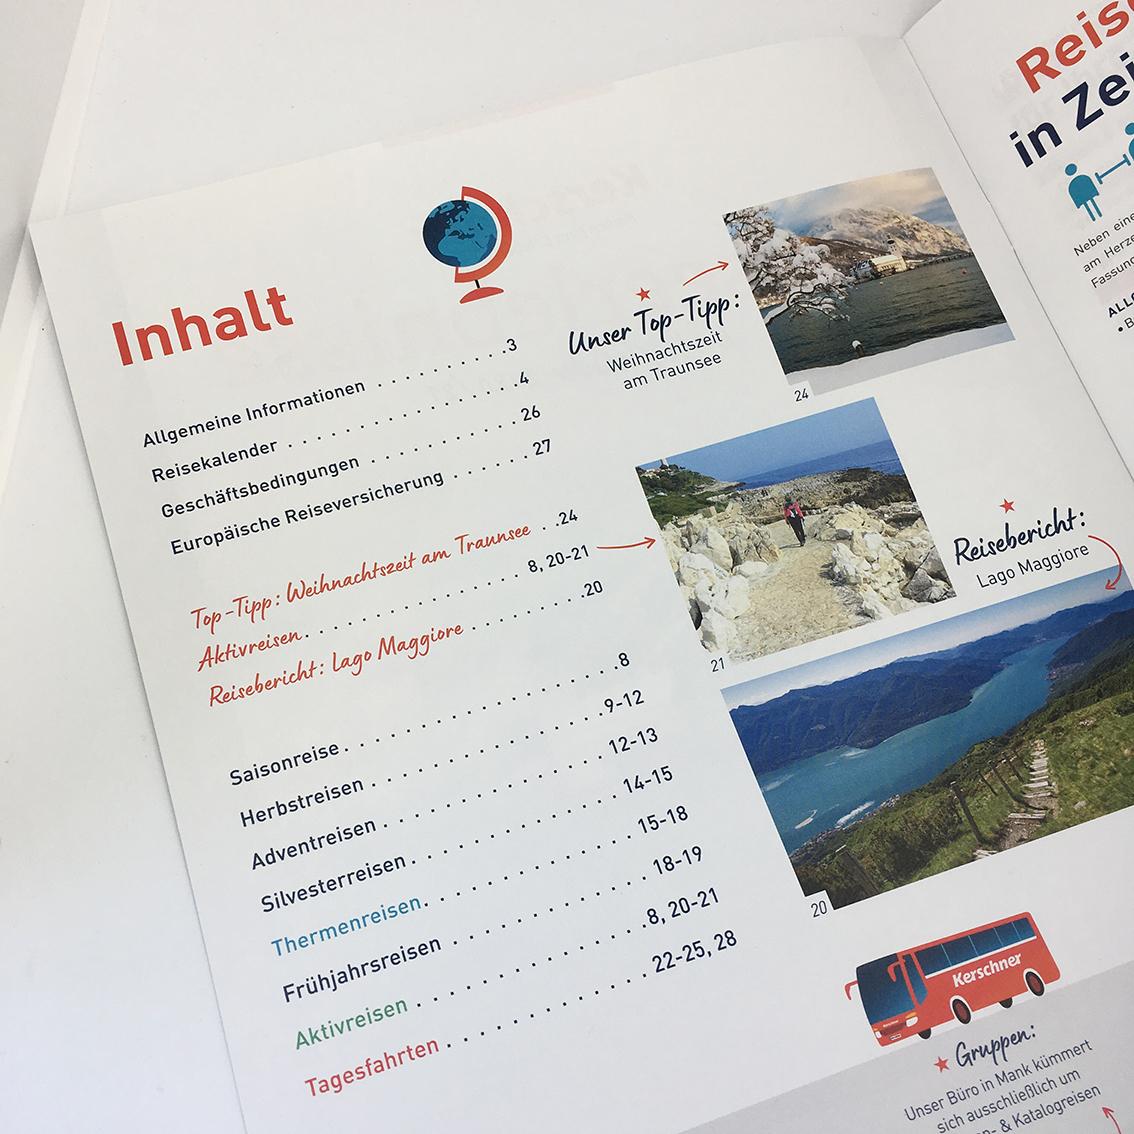 Kerschner Reisen, Winter Reisekatalog, Gestaltung, Katalogdesign, Kataloggestaltung, Layout, hello! Designstudio, Katrin Scheichelbauer